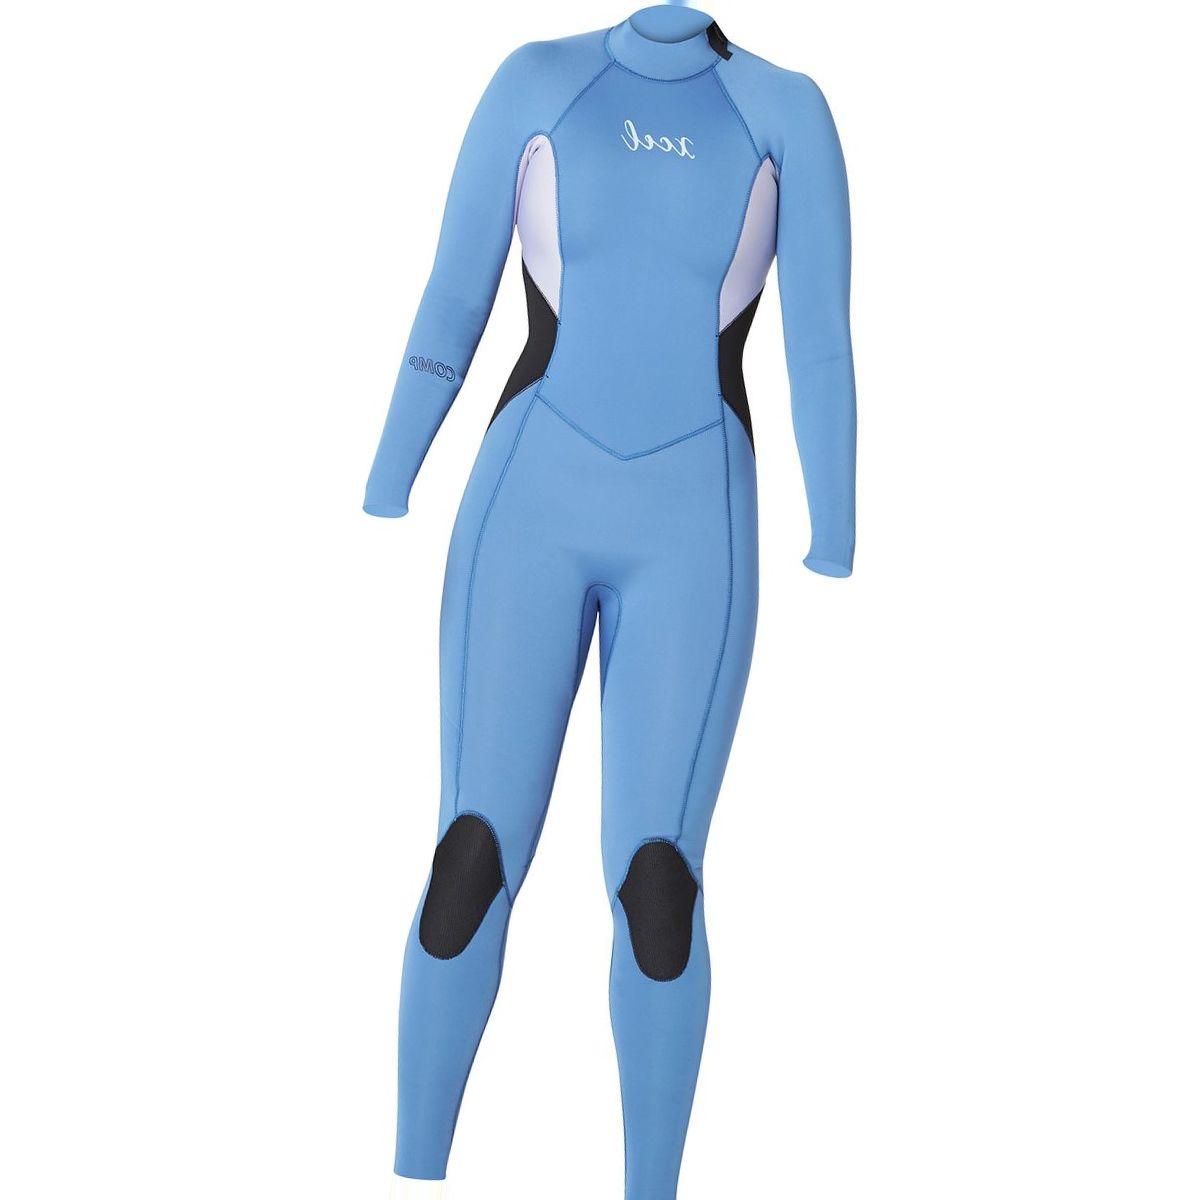 XCEL Comp 3/2 Wetsuit - Women's